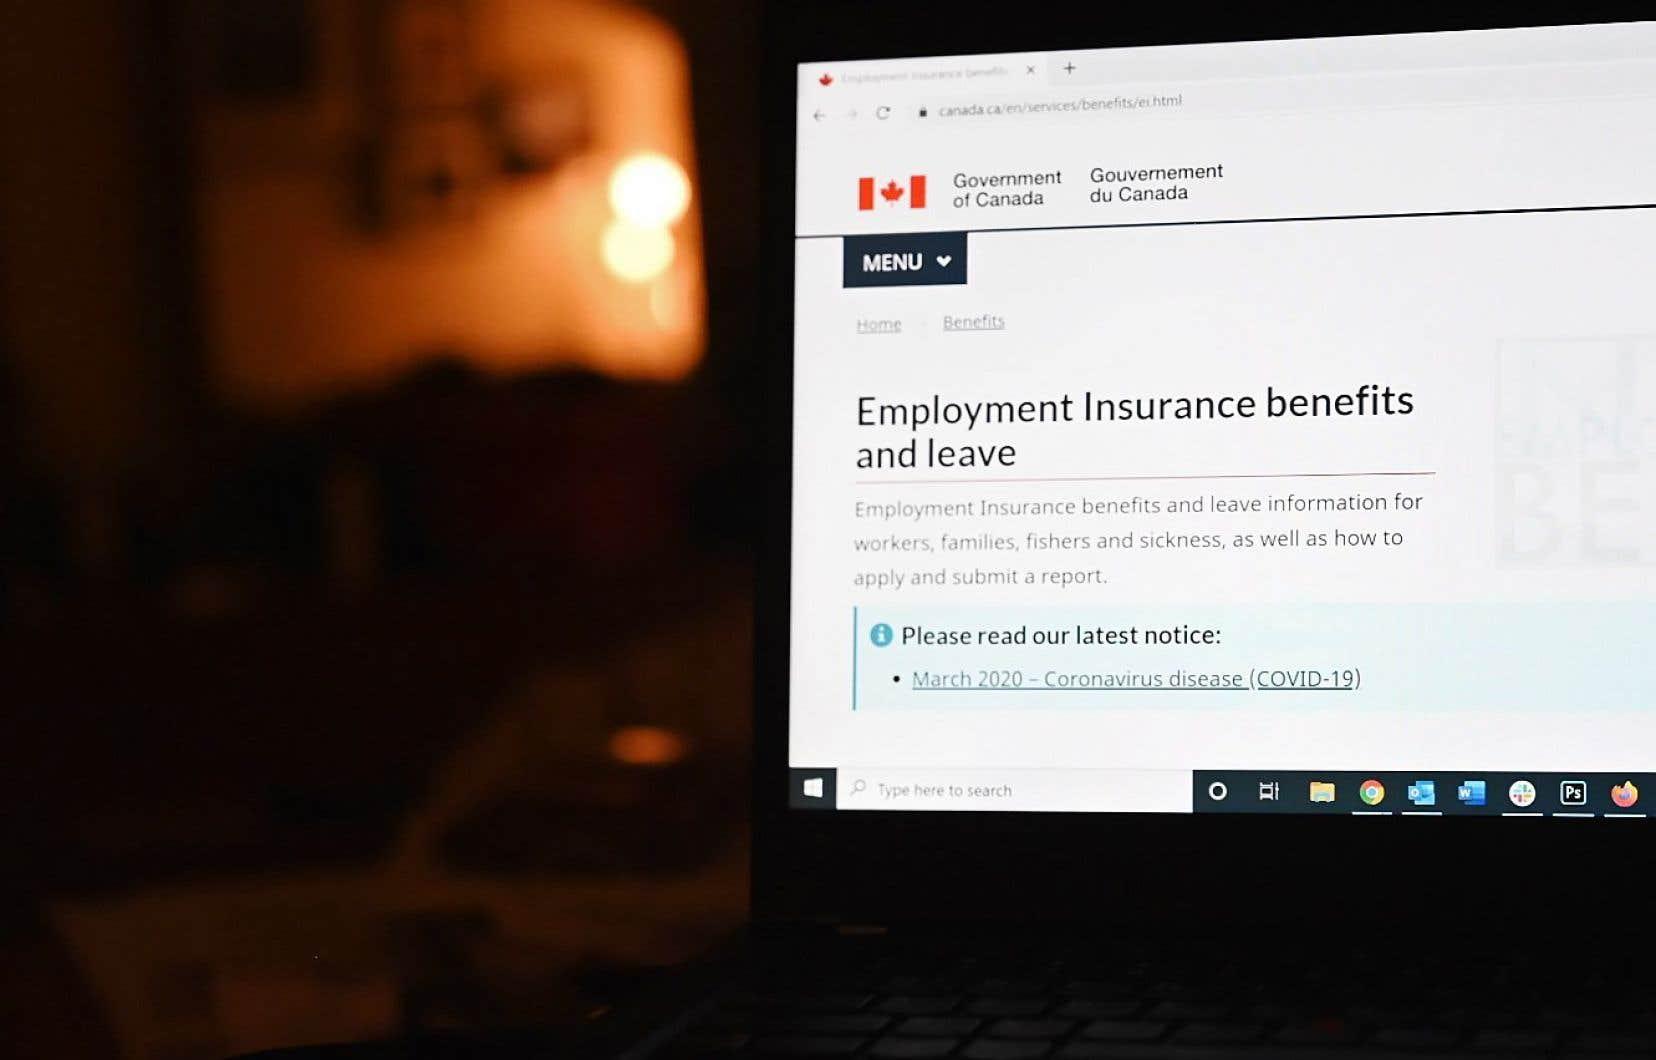 Il y a un mois environ, le premier ministre Justin Trudeau annonçait l'assouplissement aux règles de l'assurance-emploi et trois nouvelles prestations pour ceux et celles qui ne pourront pas compter sur l'assurance-emploi modifiée.